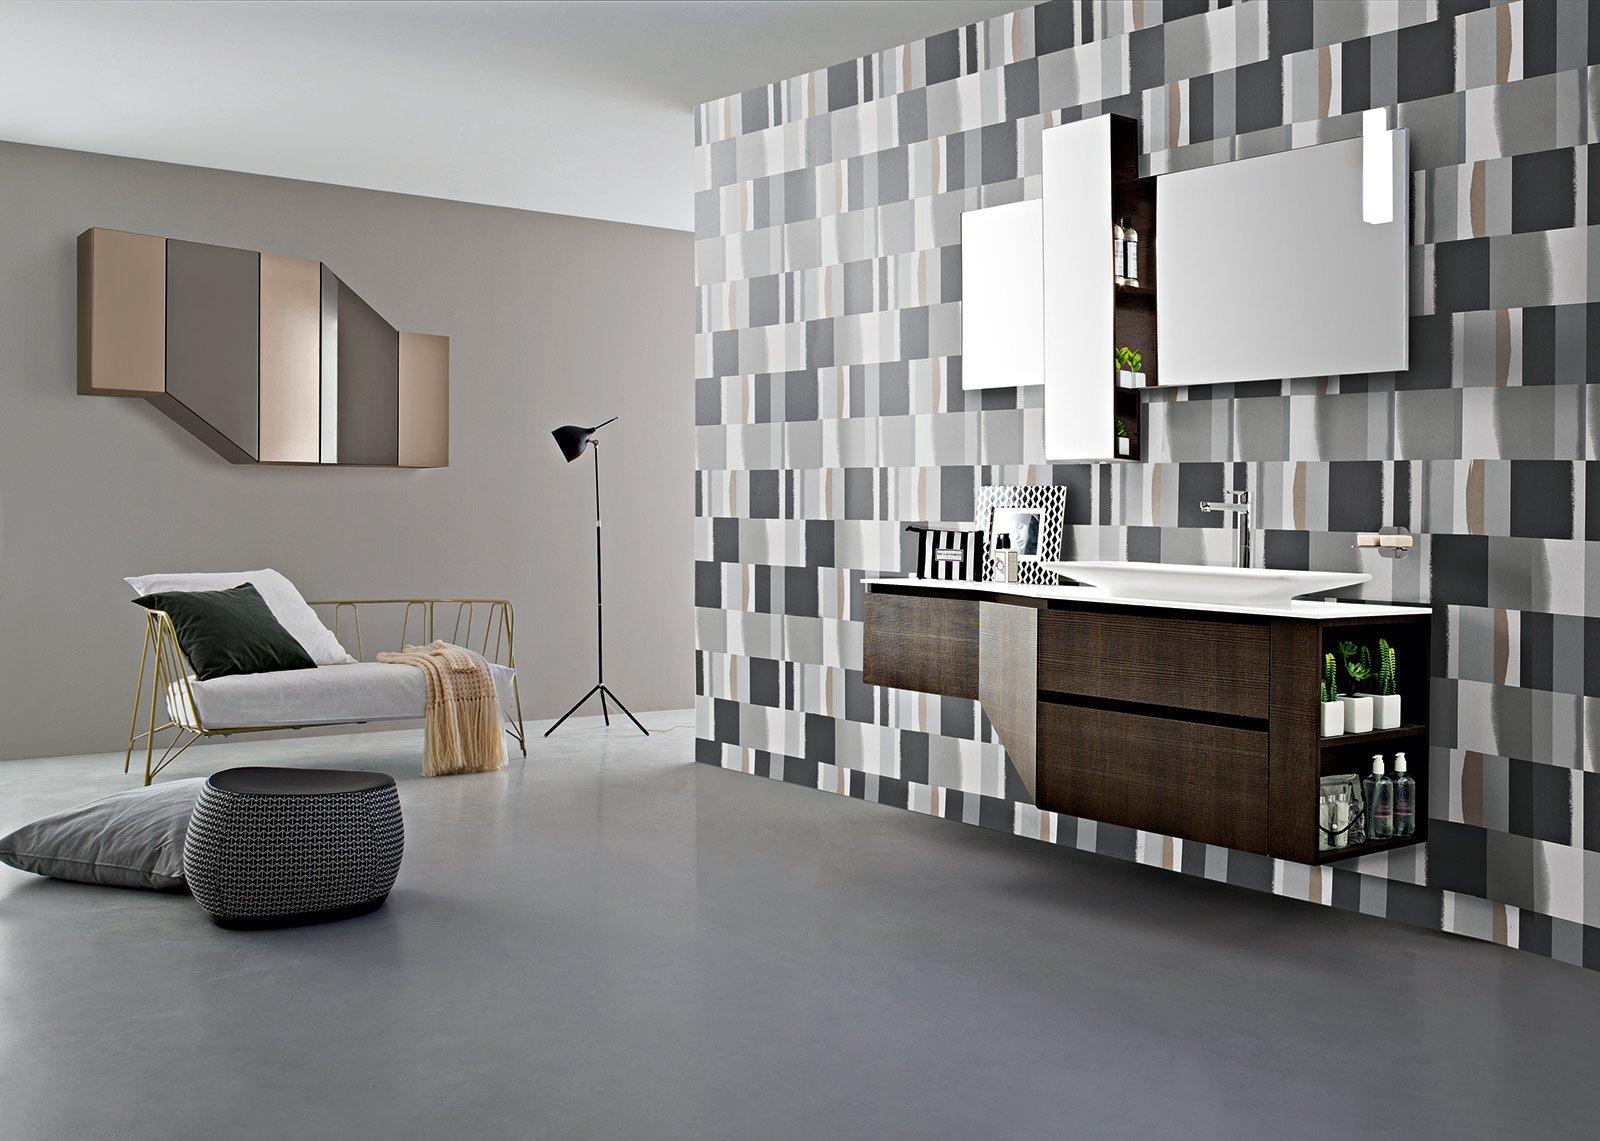 casabook immobiliare: luglio 2014 - Fino A Che Punto Deve Essere Uno Specchio Sopra Un Lavandino